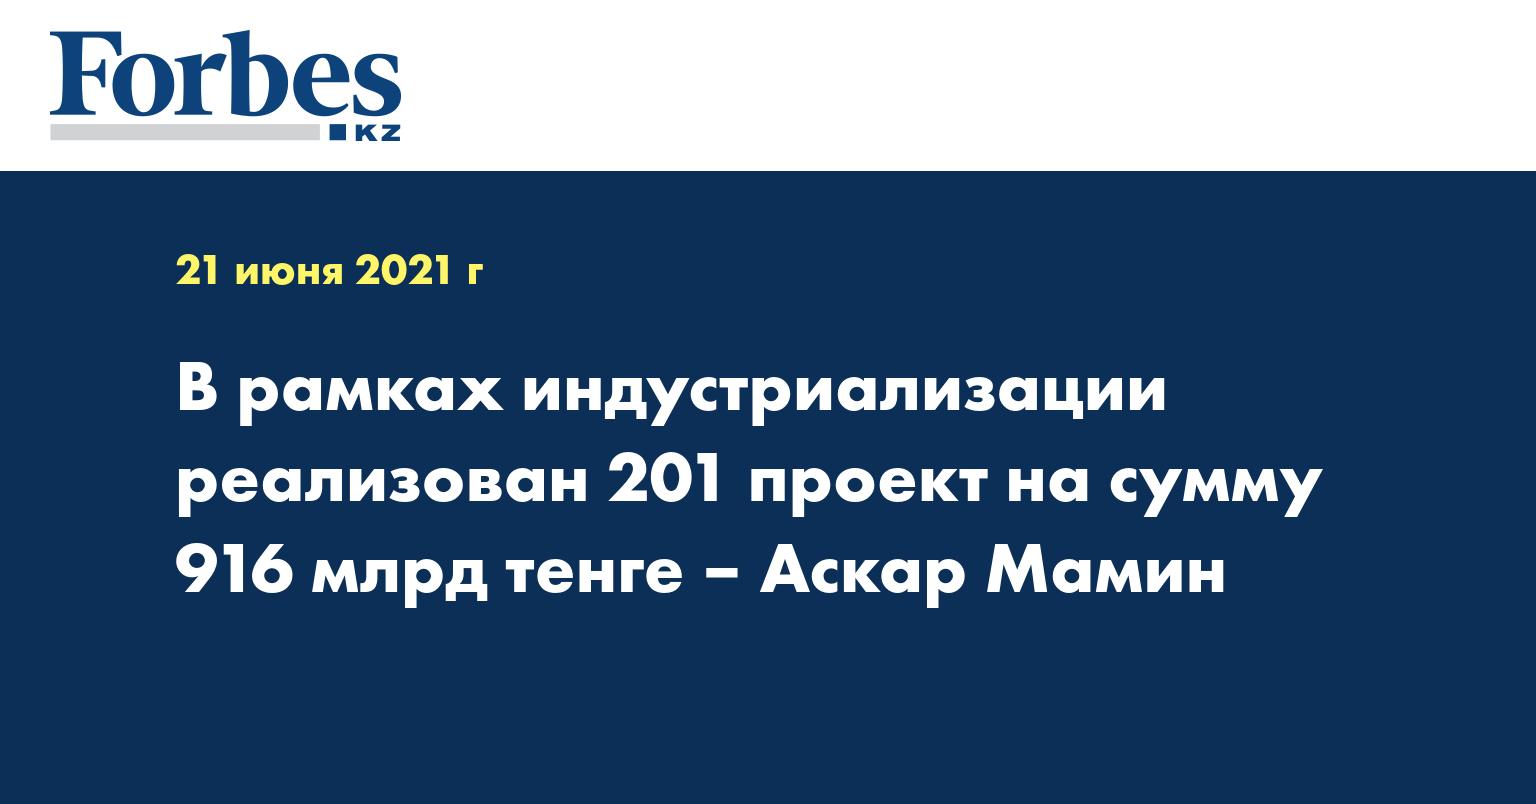 В рамках индустриализации реализован 201 проект на сумму 916 млрд тенге – Аскар Мамин